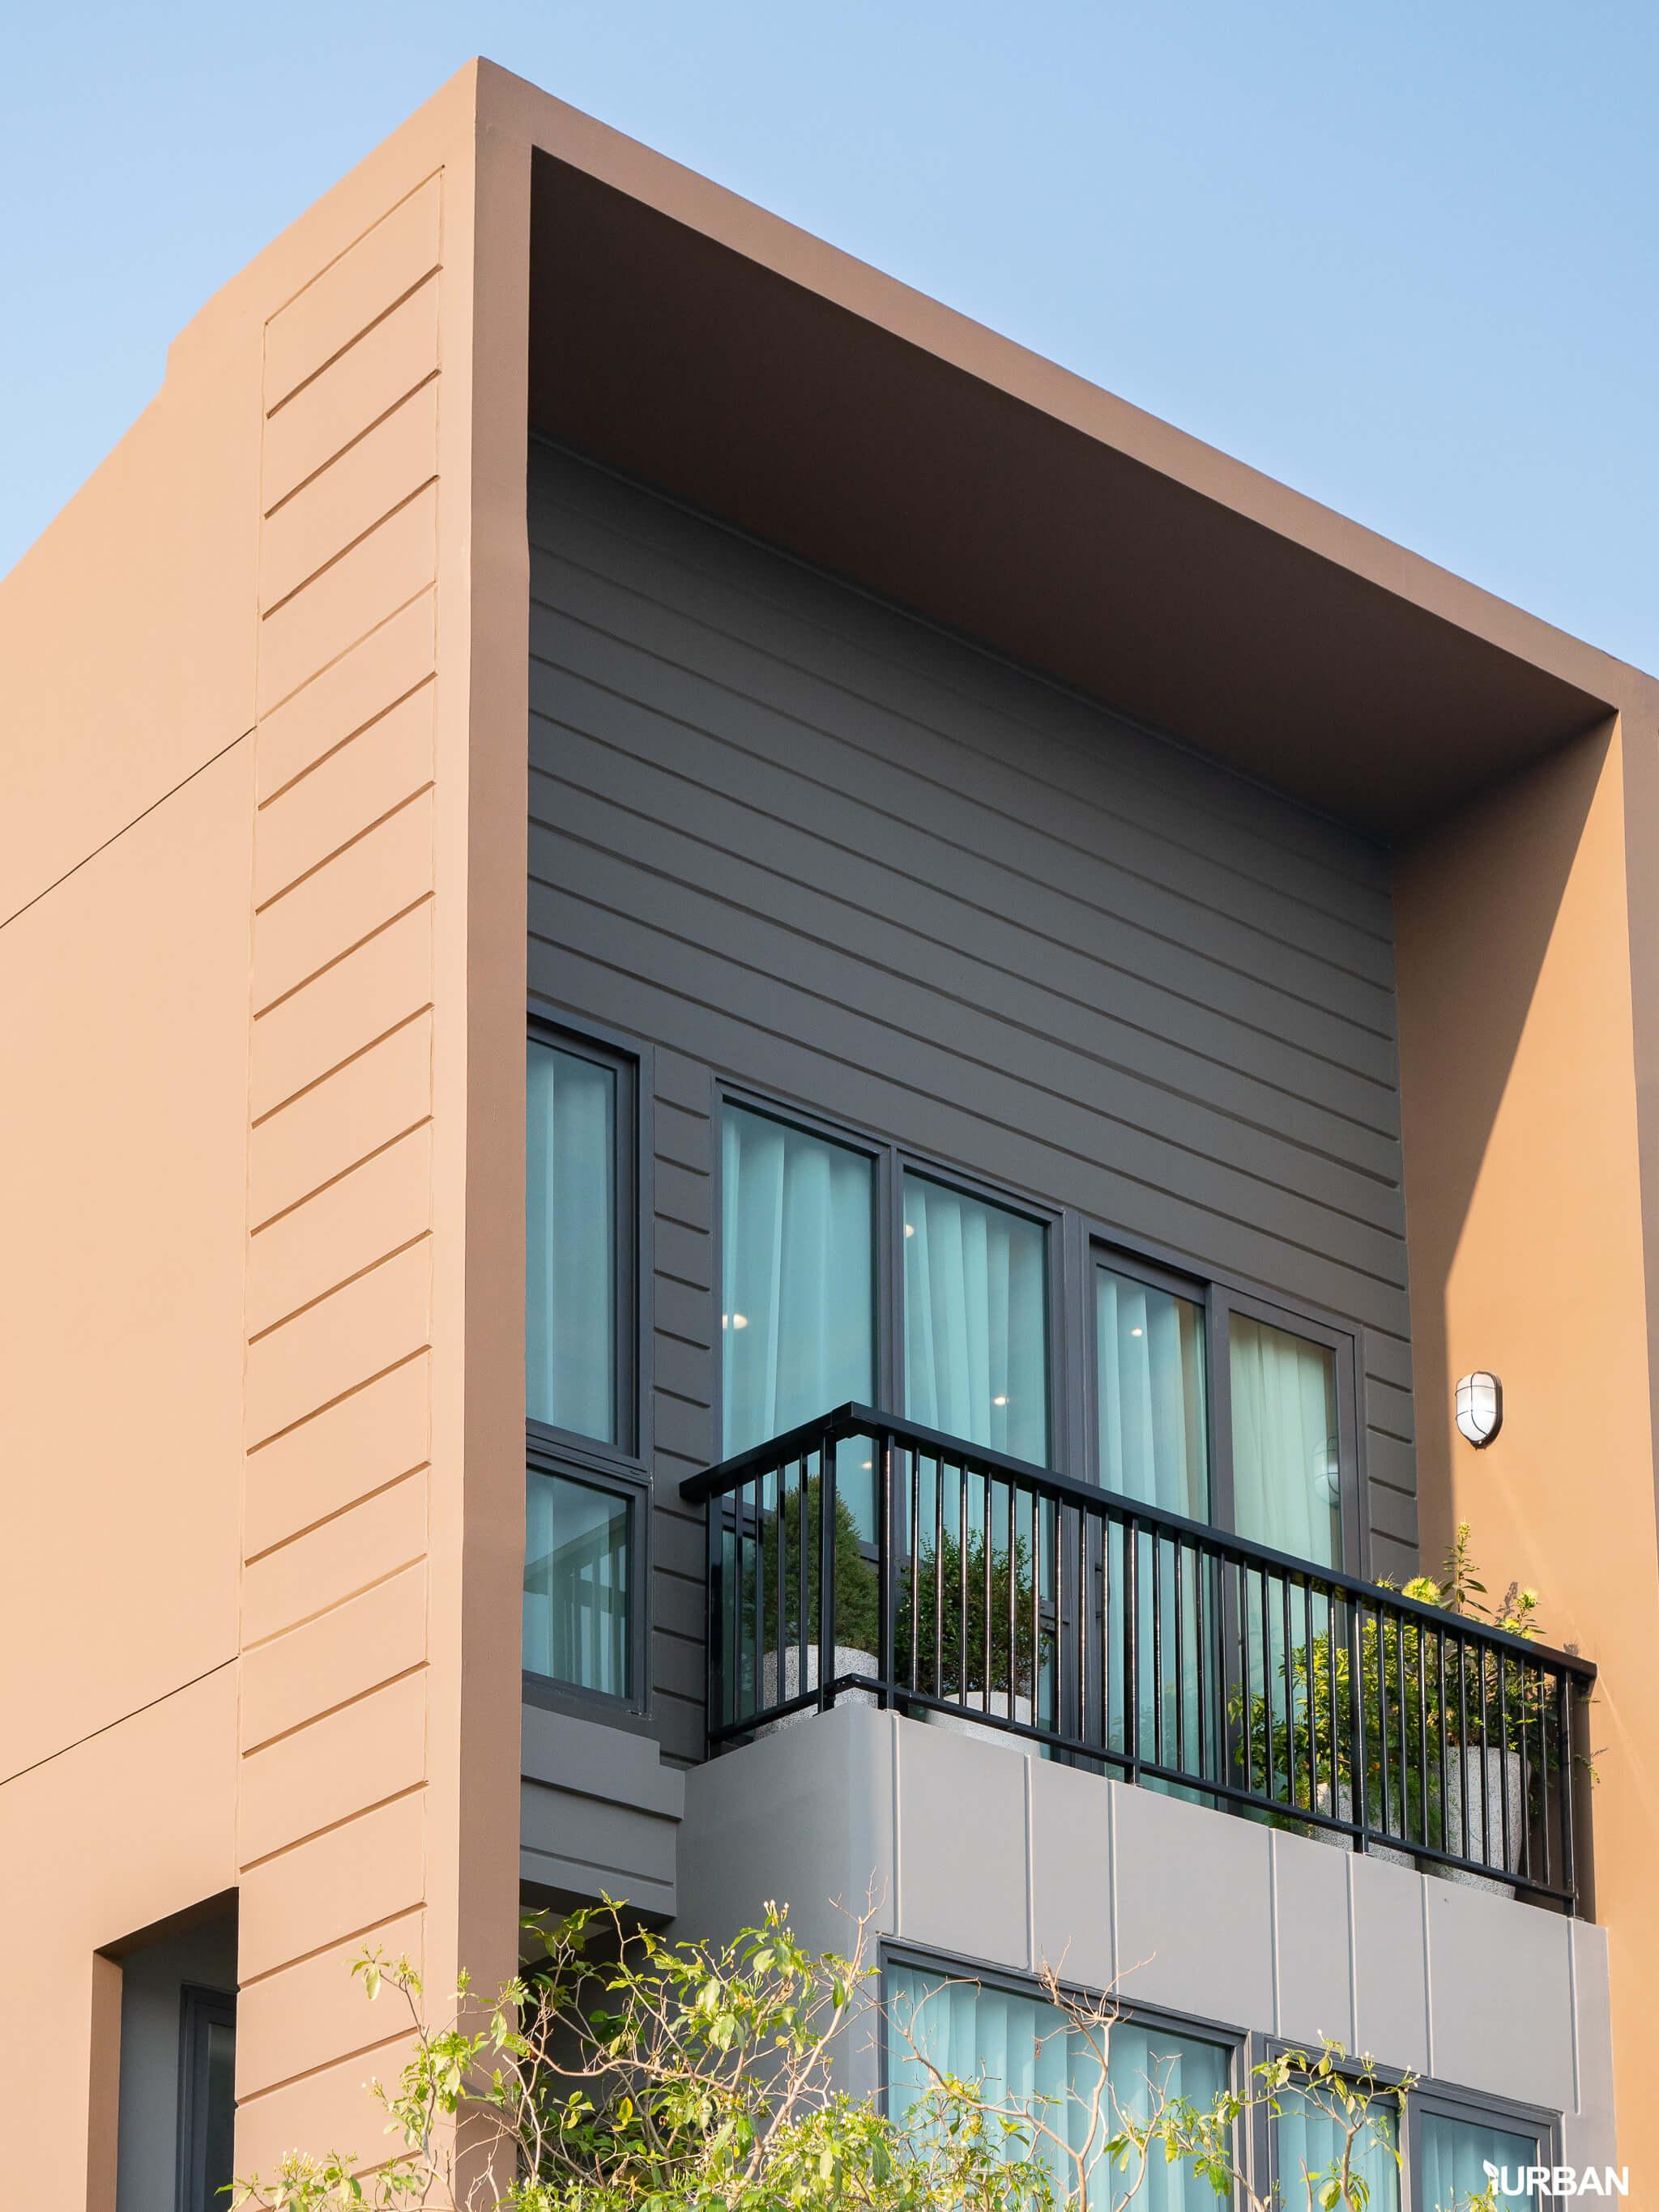 7 โครงการบ้านเอพีช่วยผ่อน 30 เดือน สุขสวัสดิ์-ประชาอุทิศ เข้าเมืองง่าย ทาวน์โฮม-บ้าน เริ่ม 1.99 ล้าน 99 - AP (Thailand) - เอพี (ไทยแลนด์)